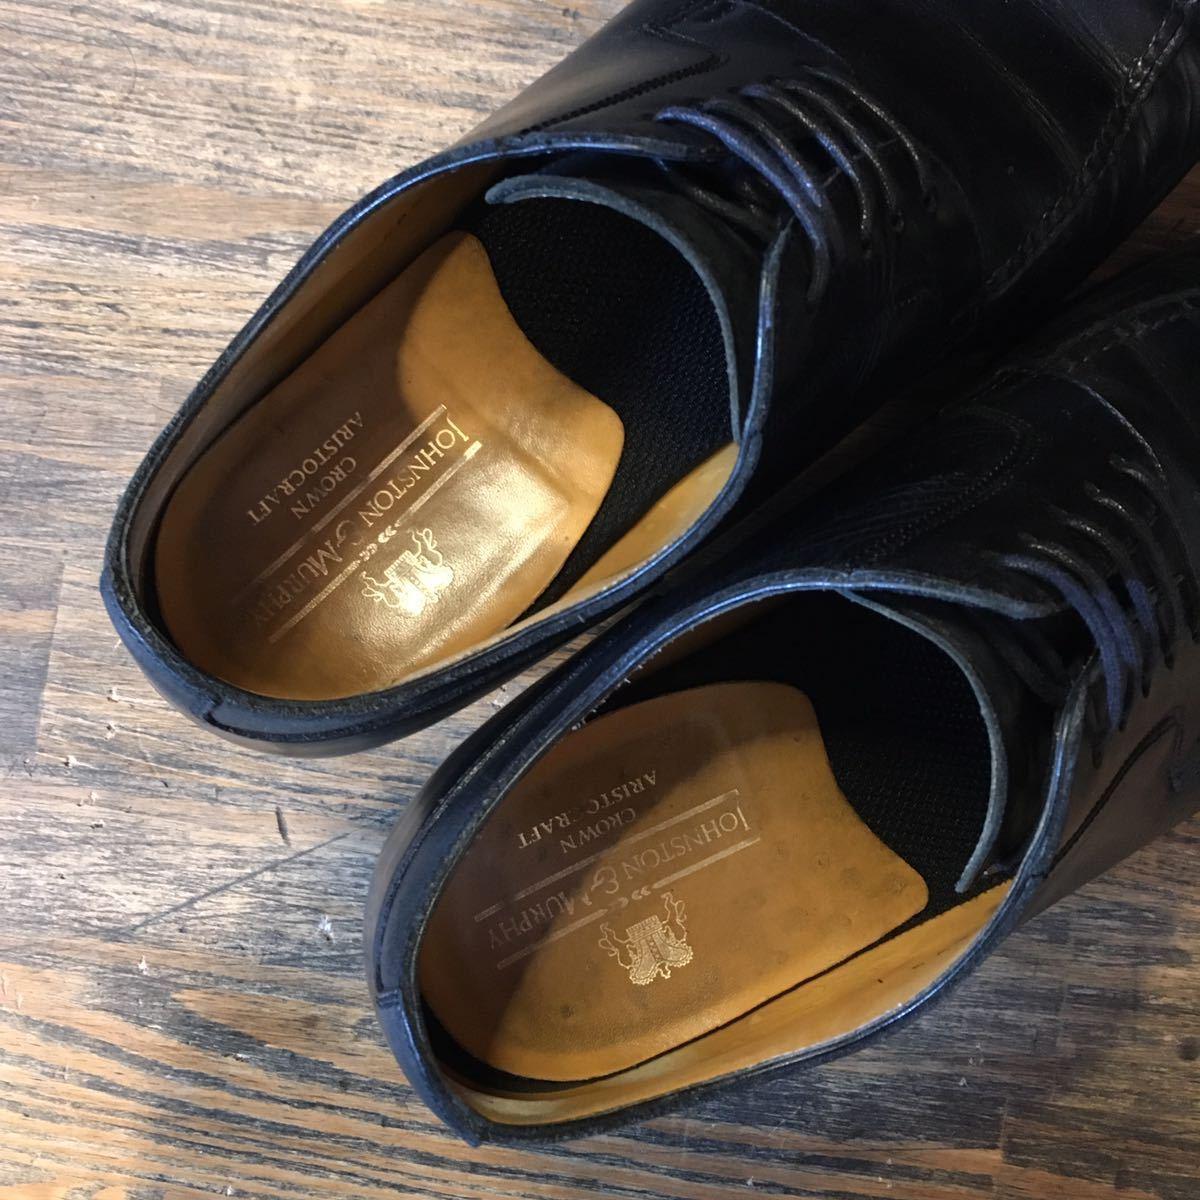 JOHNSTON&MURPHY ジョンストン&マーフィー 革靴 ビジネスシューズ 黒 本革 レザーシューズ ドレスシューズ ビブラムソール vibram_画像7